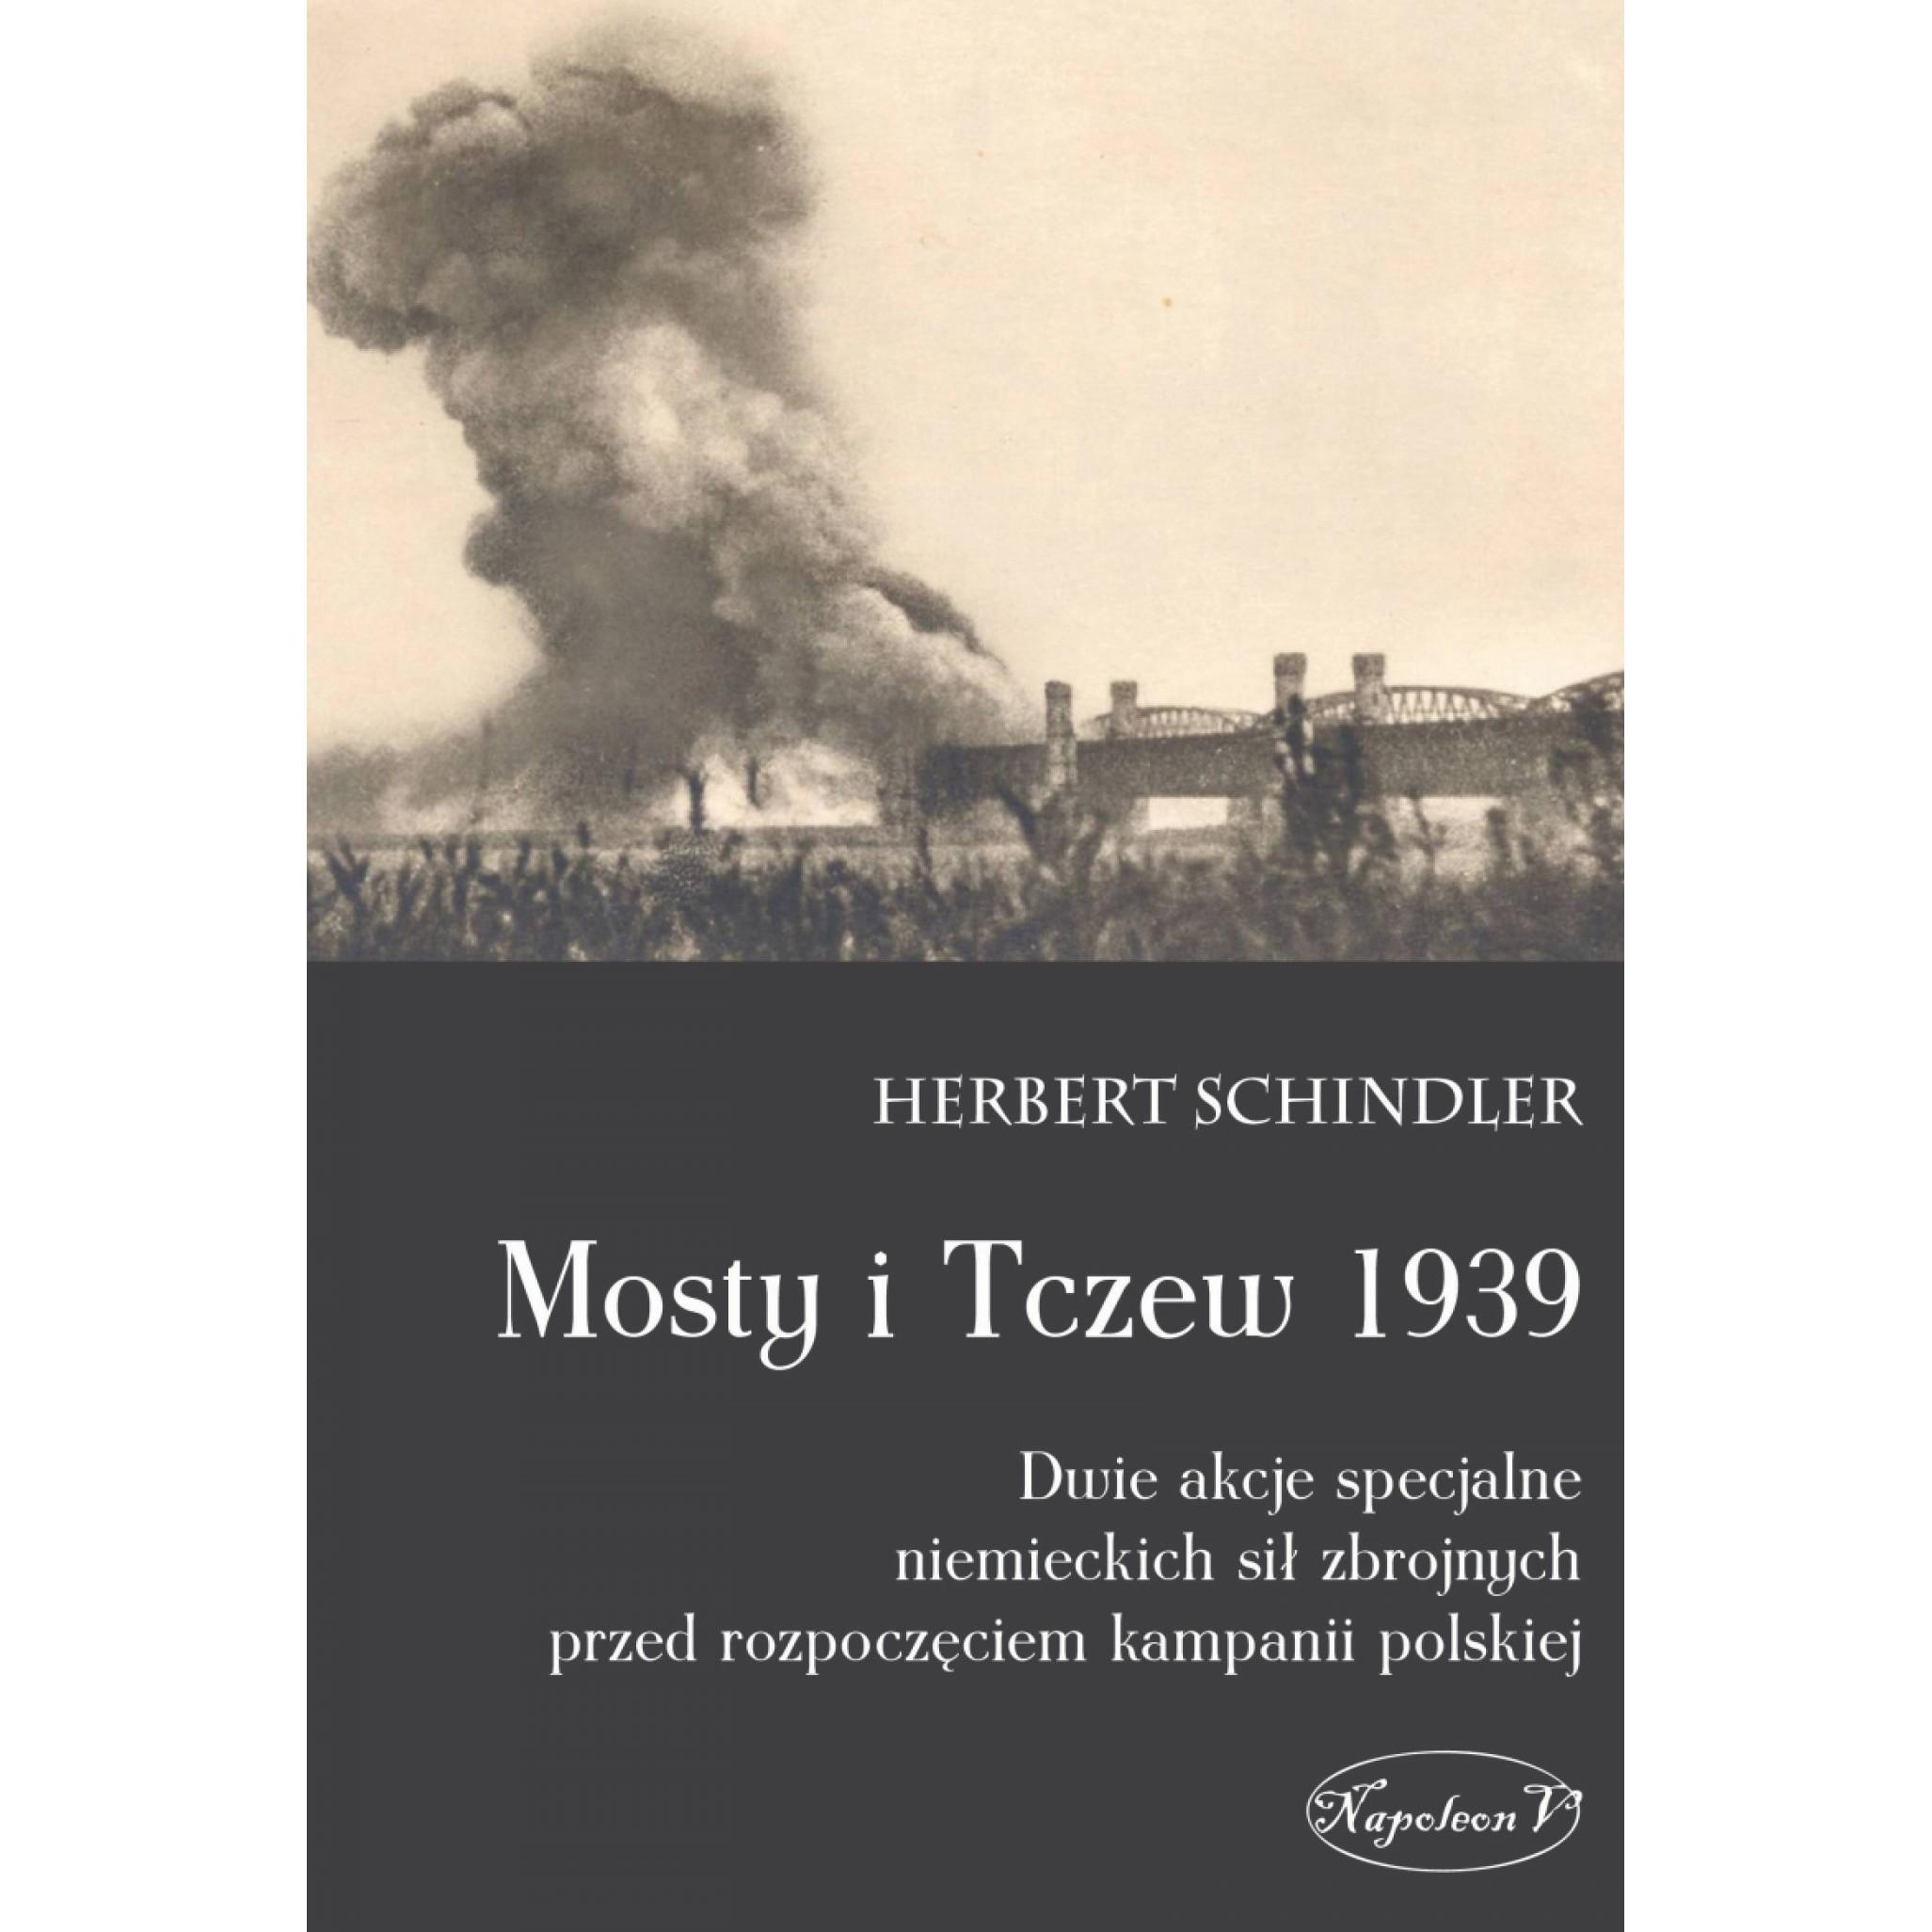 Mosty i Tczew 1939. Dwie akcje specjalne niemieckich sił zbrojnych przed rozpoczęciem kampanii polskiej